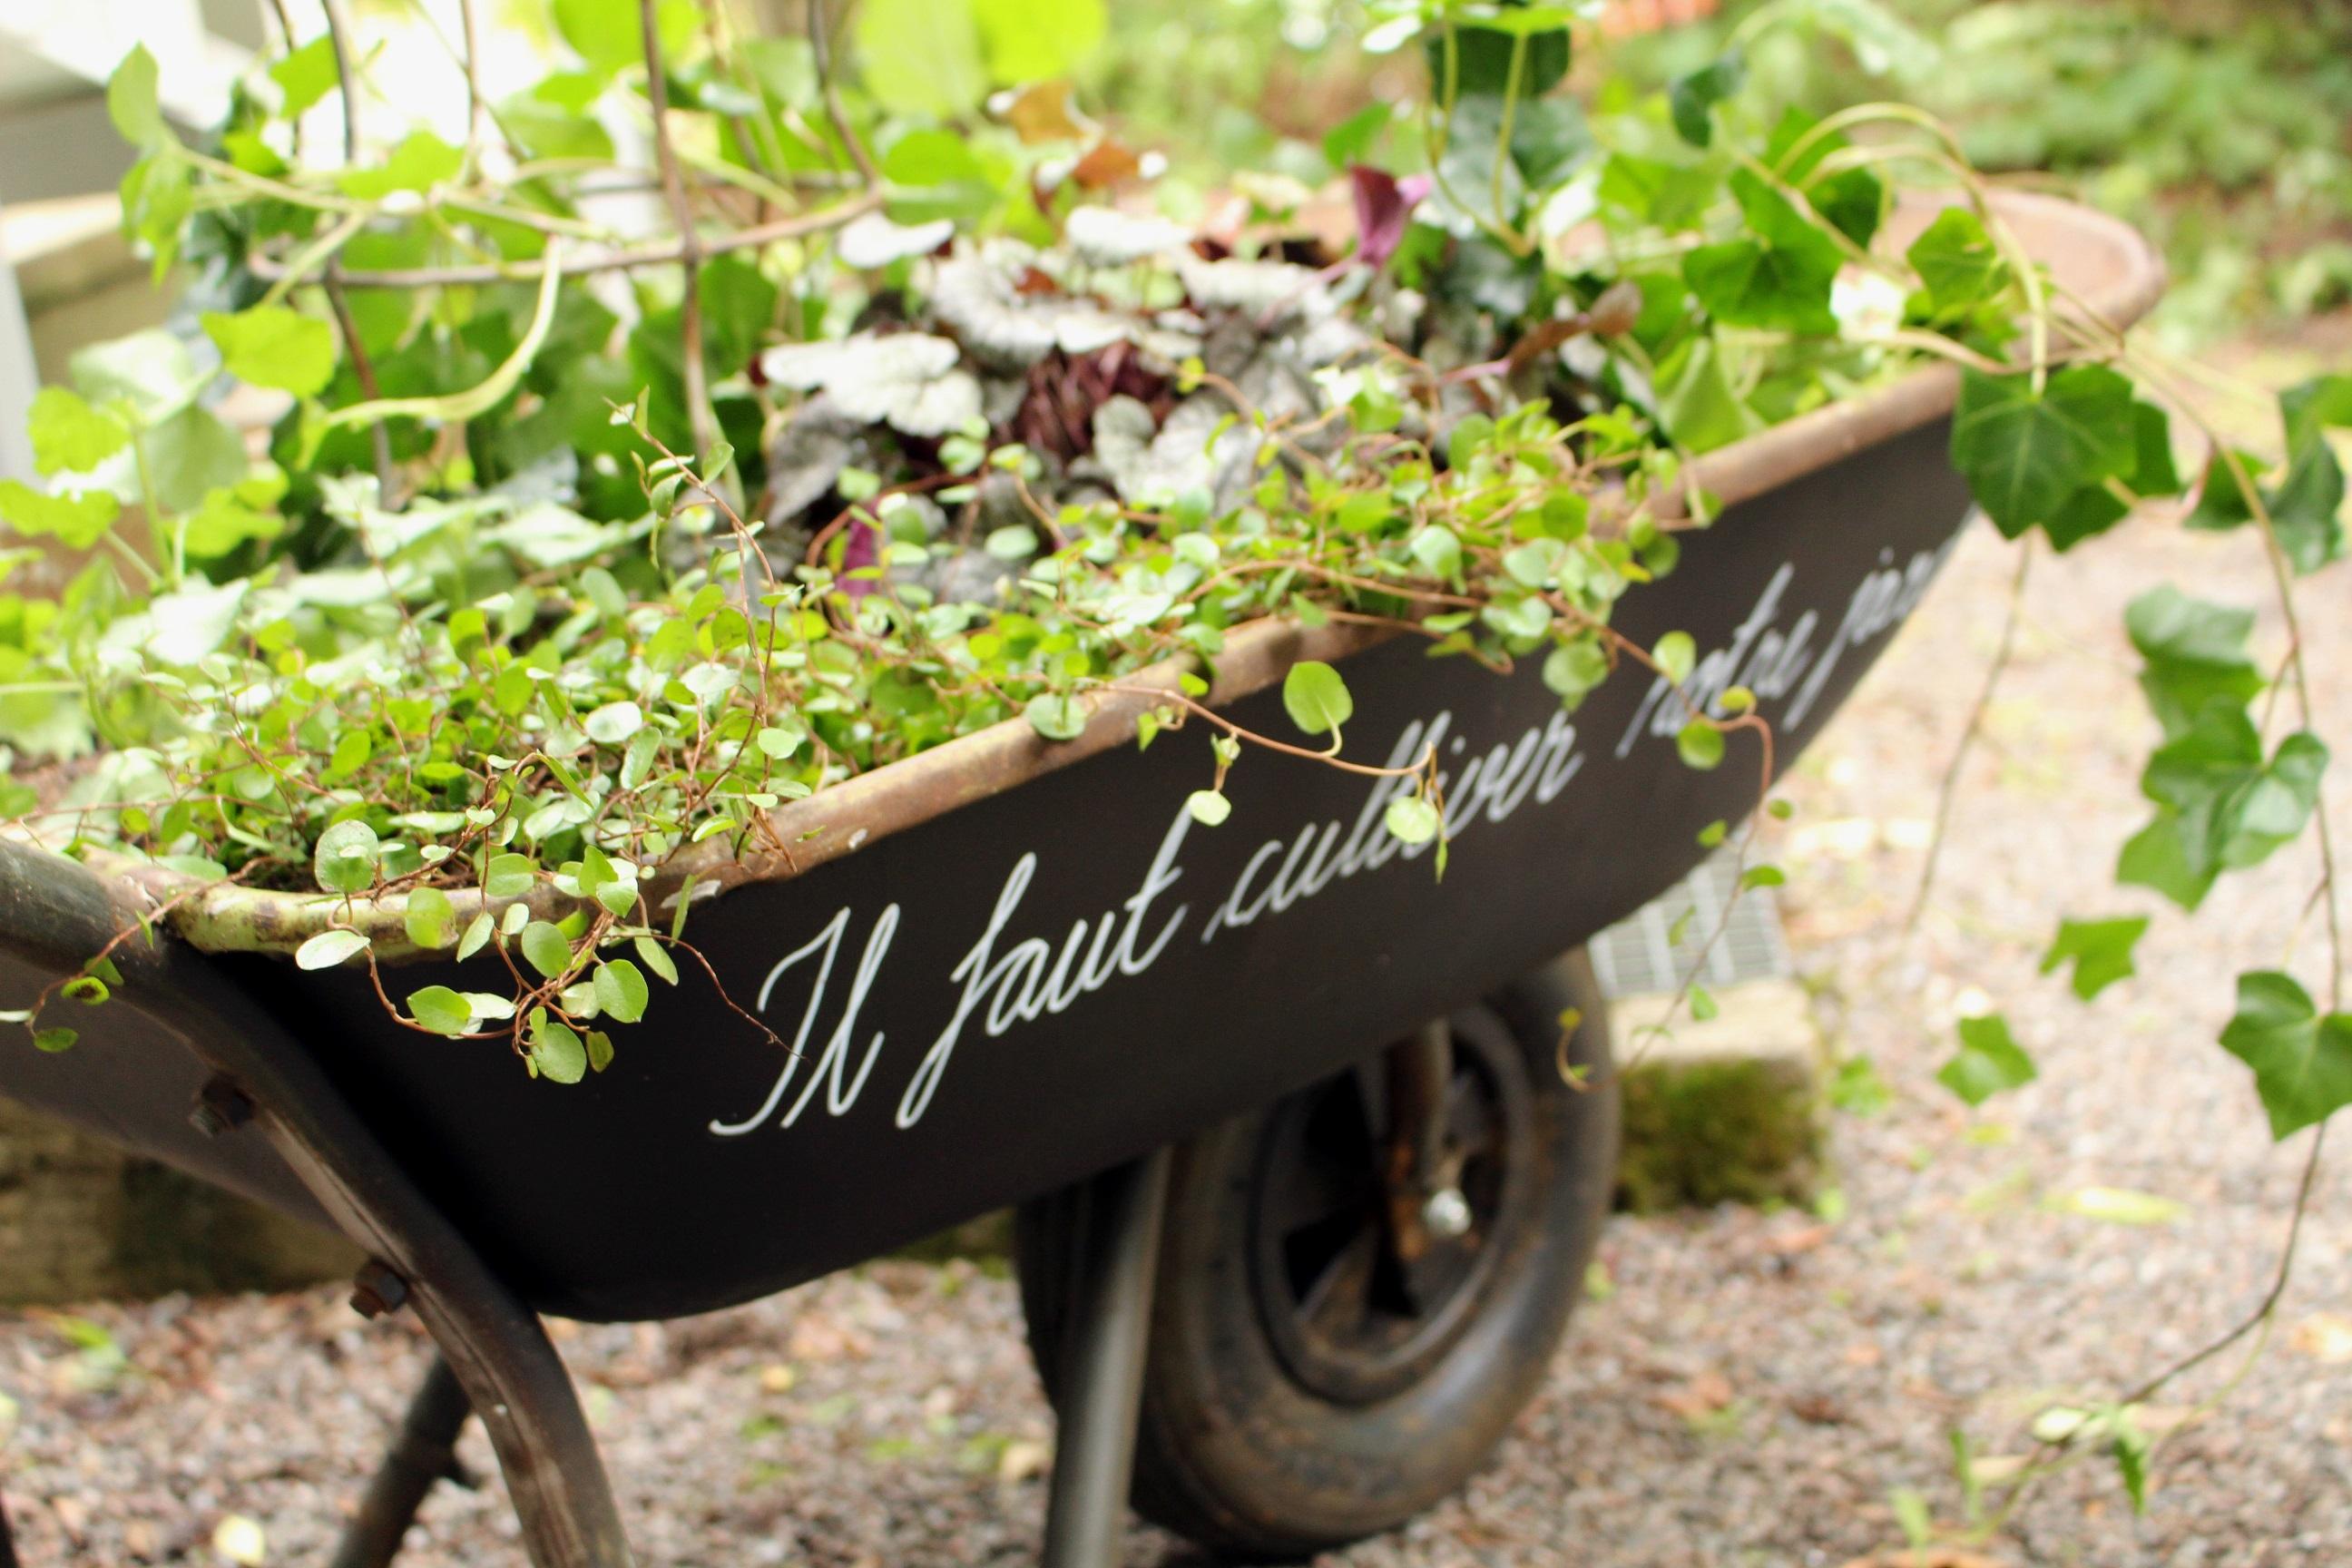 Il faut cultiver notre jardin